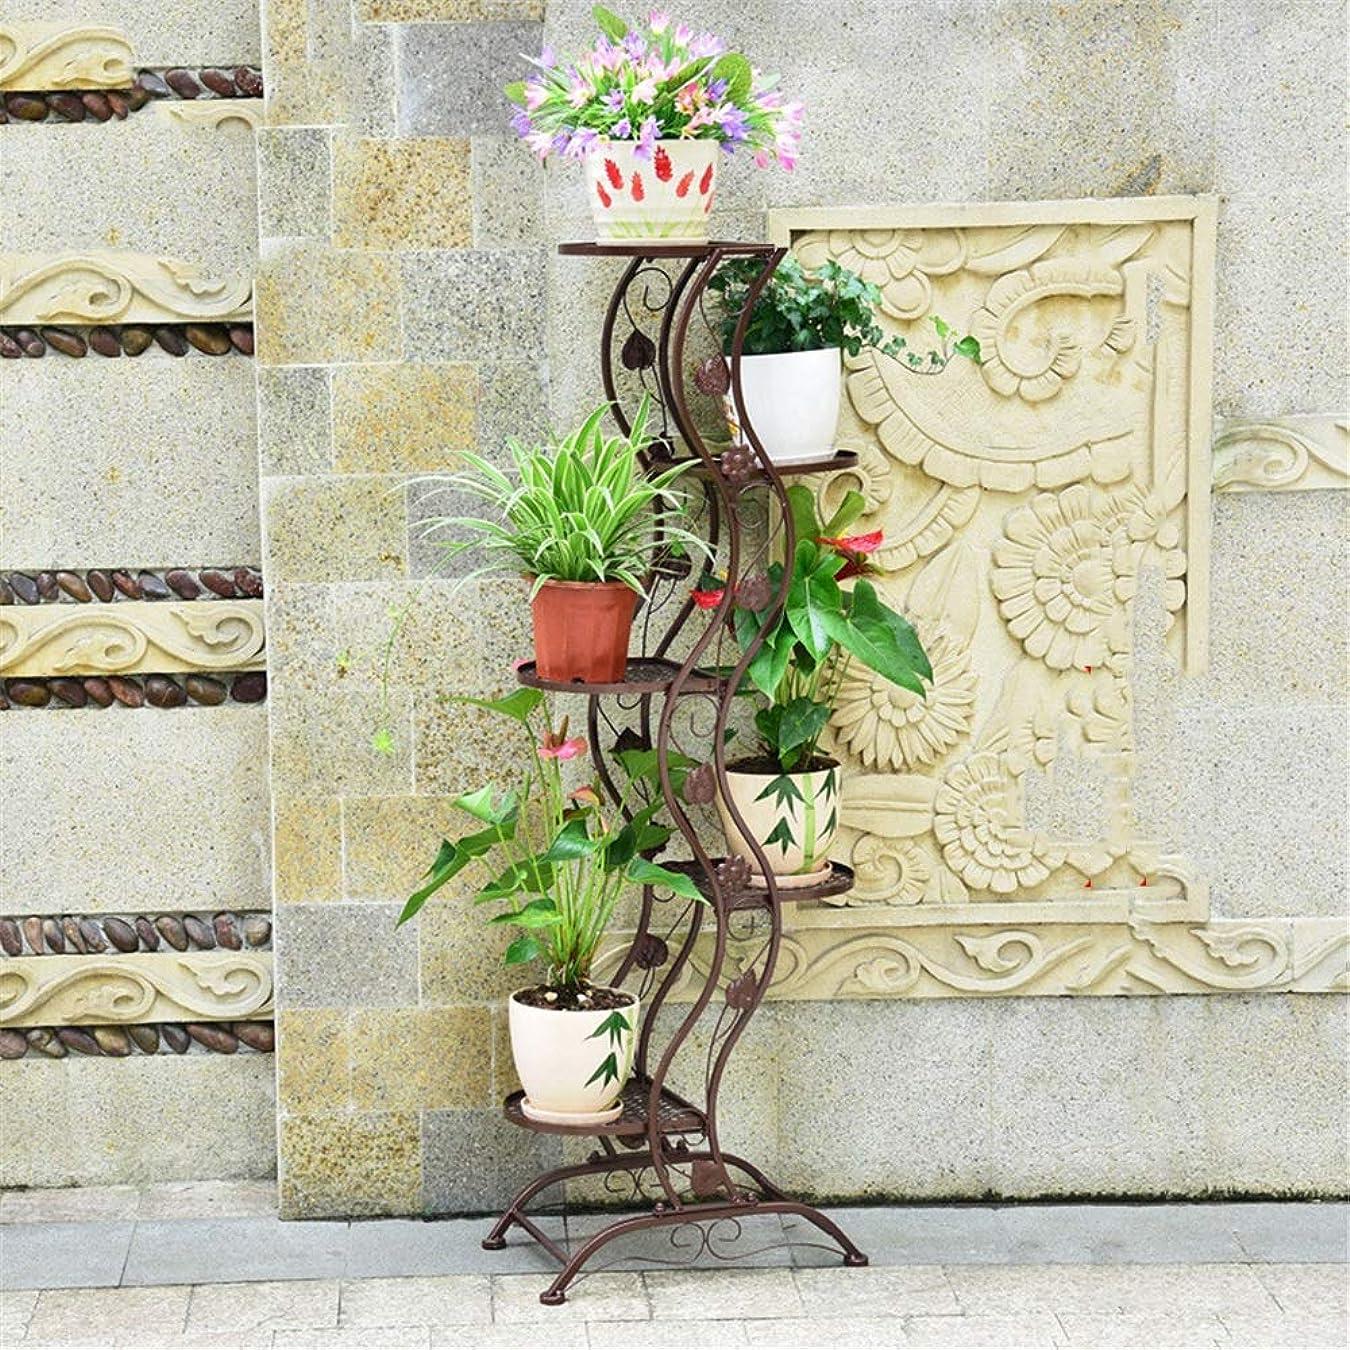 いたずらなハイライト異議鉄多層ポット植物スタンド金属フロアスタンドポットラックガーデンパティオ立ち植物フラワーポットラックディスプレイスタンド 複数プラント用 (色 : ブロンズ, サイズ : 5-layer)